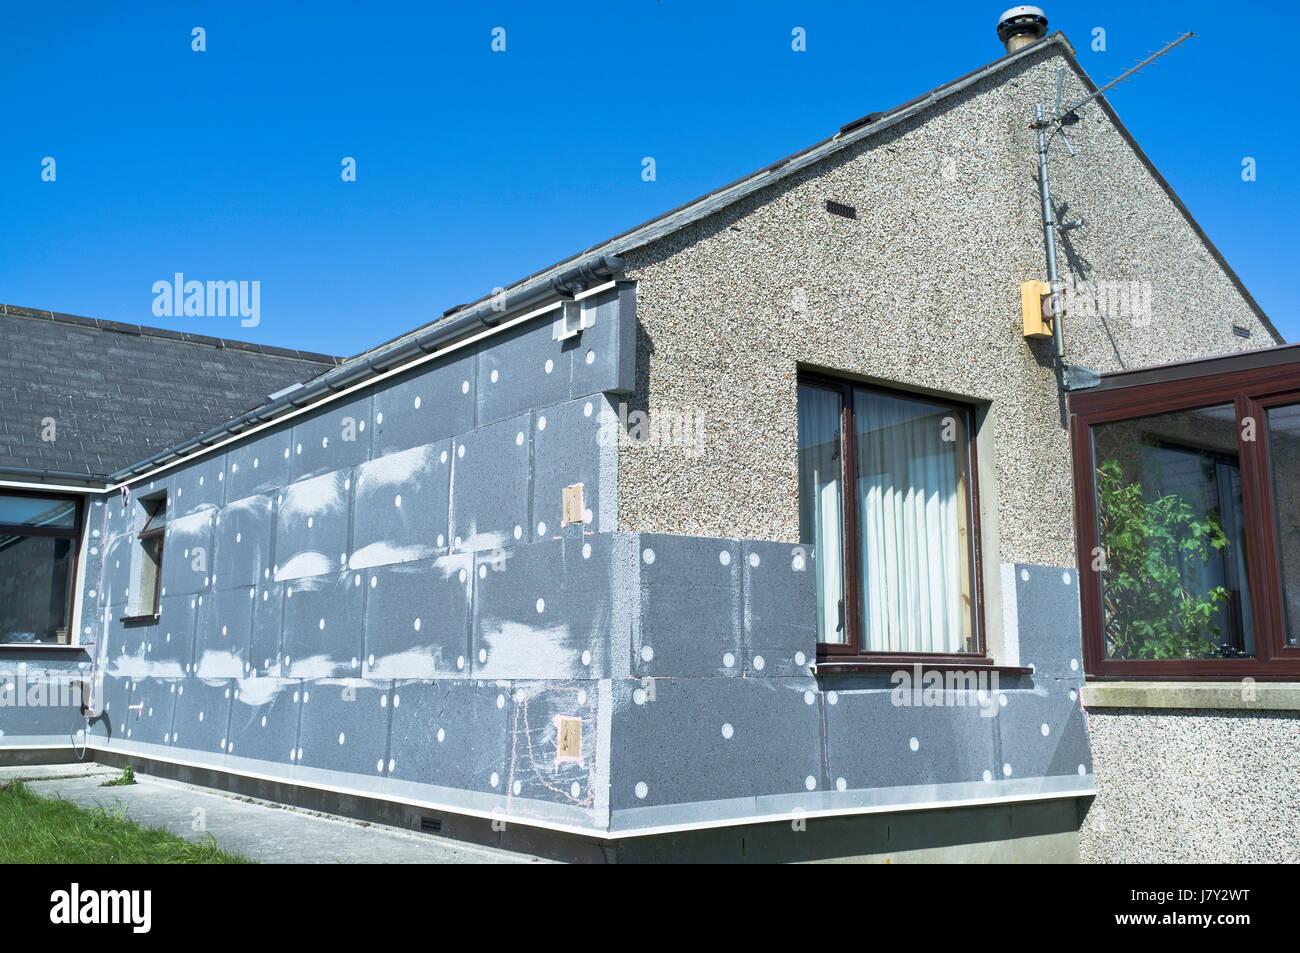 Wand Isolierung Heizung Gebäude Haus Isolierung uk